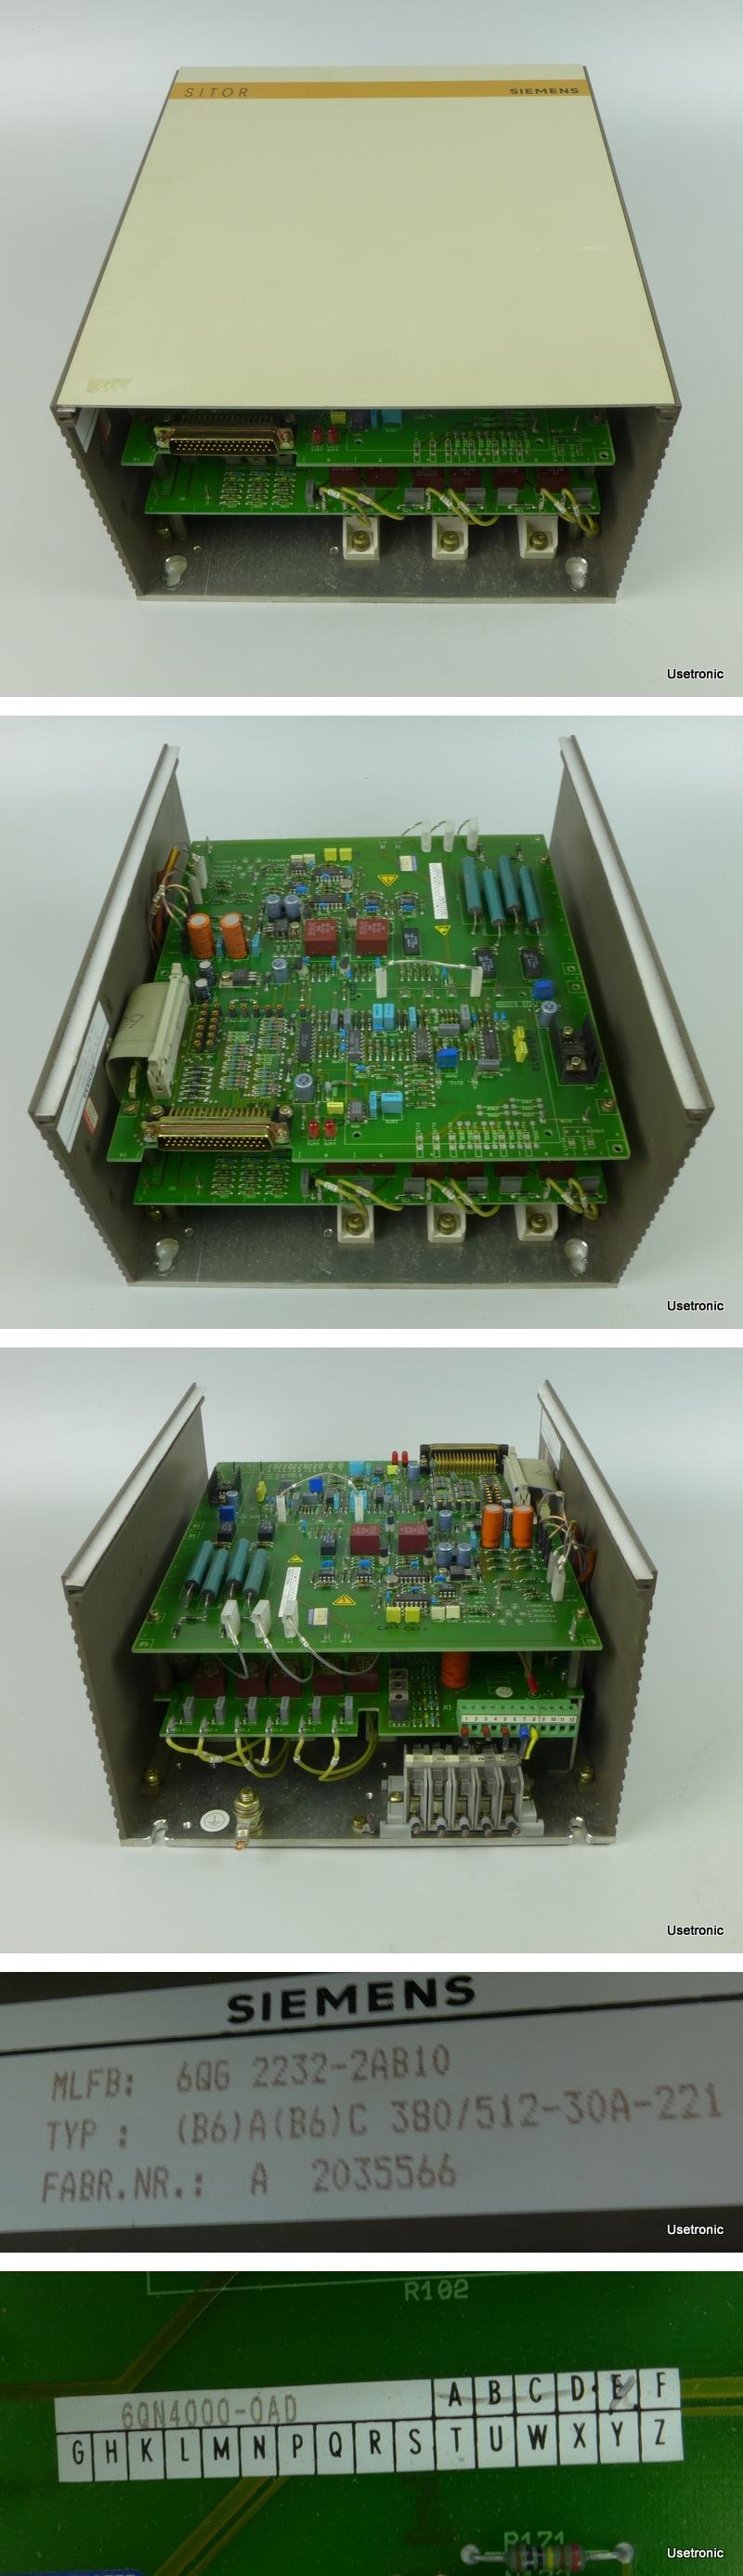 Siemens 6QG2232-2AB10